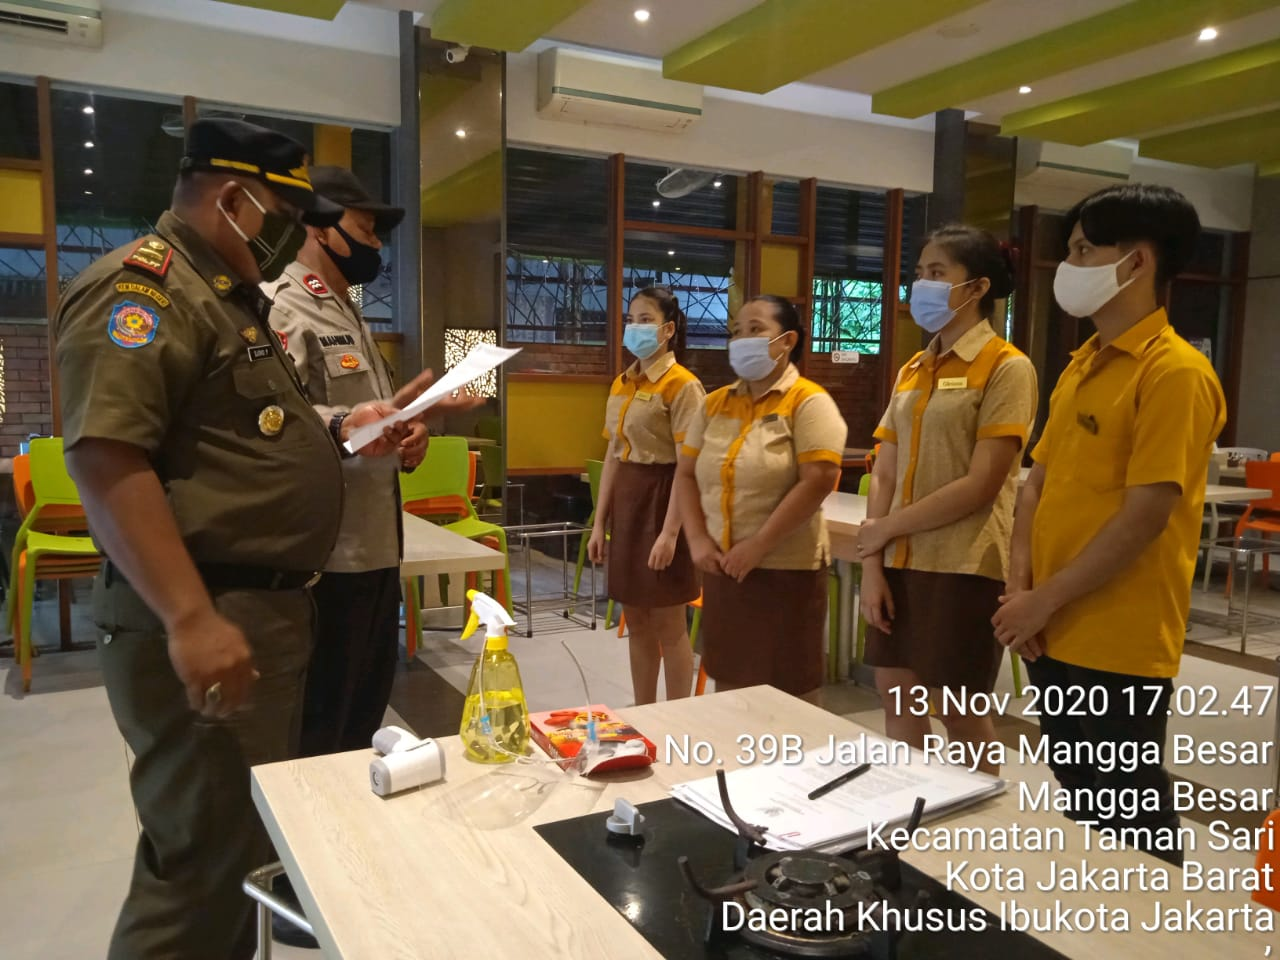 Kasatpol PP Mangga Besar Sidak Rumah Makan, Meningkatkan Pengawasan Prokes